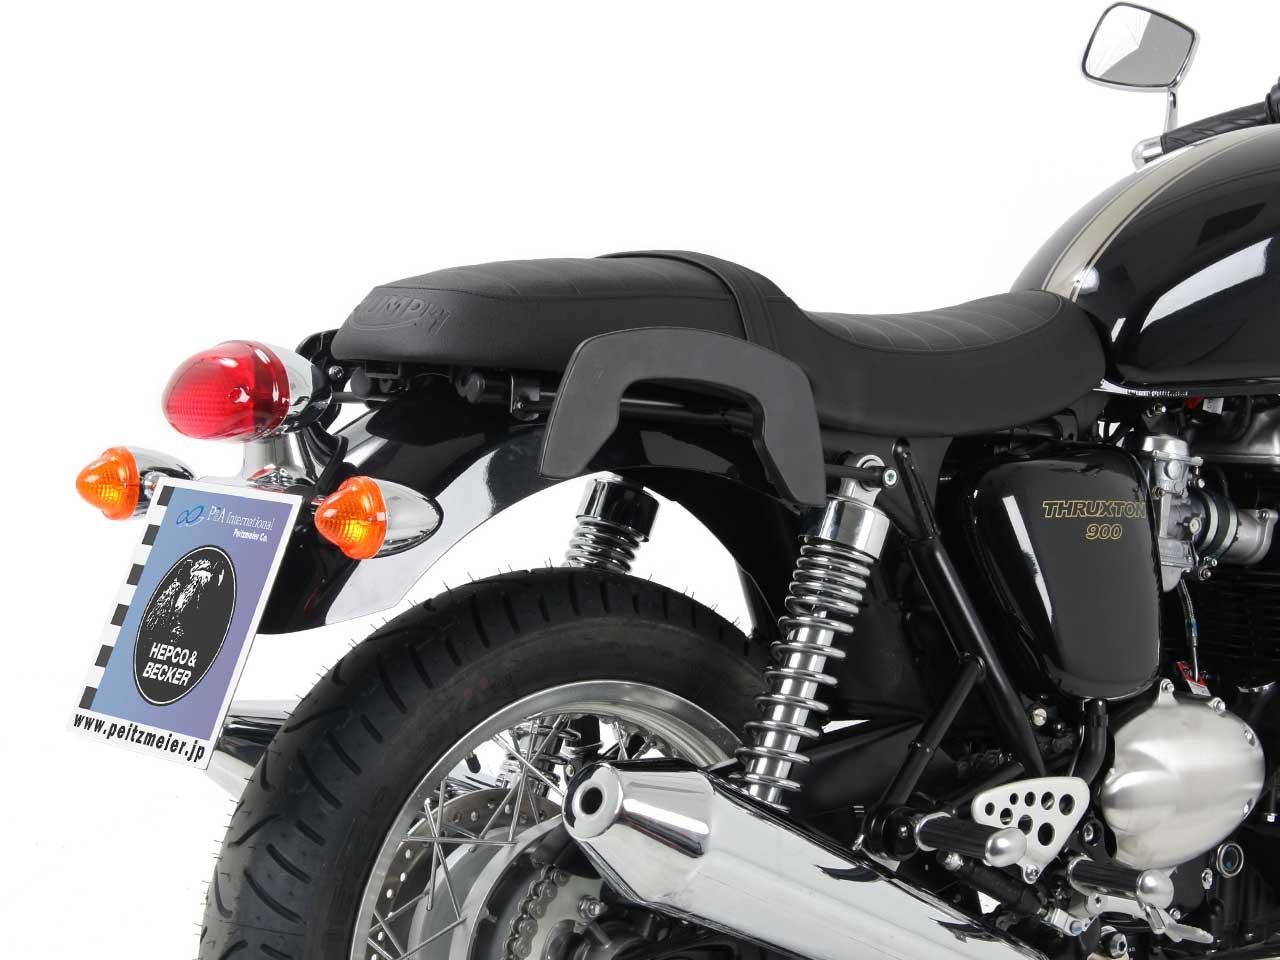 ヘプコ&ベッカー サイドソフトケースホルダー(キャリア)「C-Bow」 Triumph Thruxton